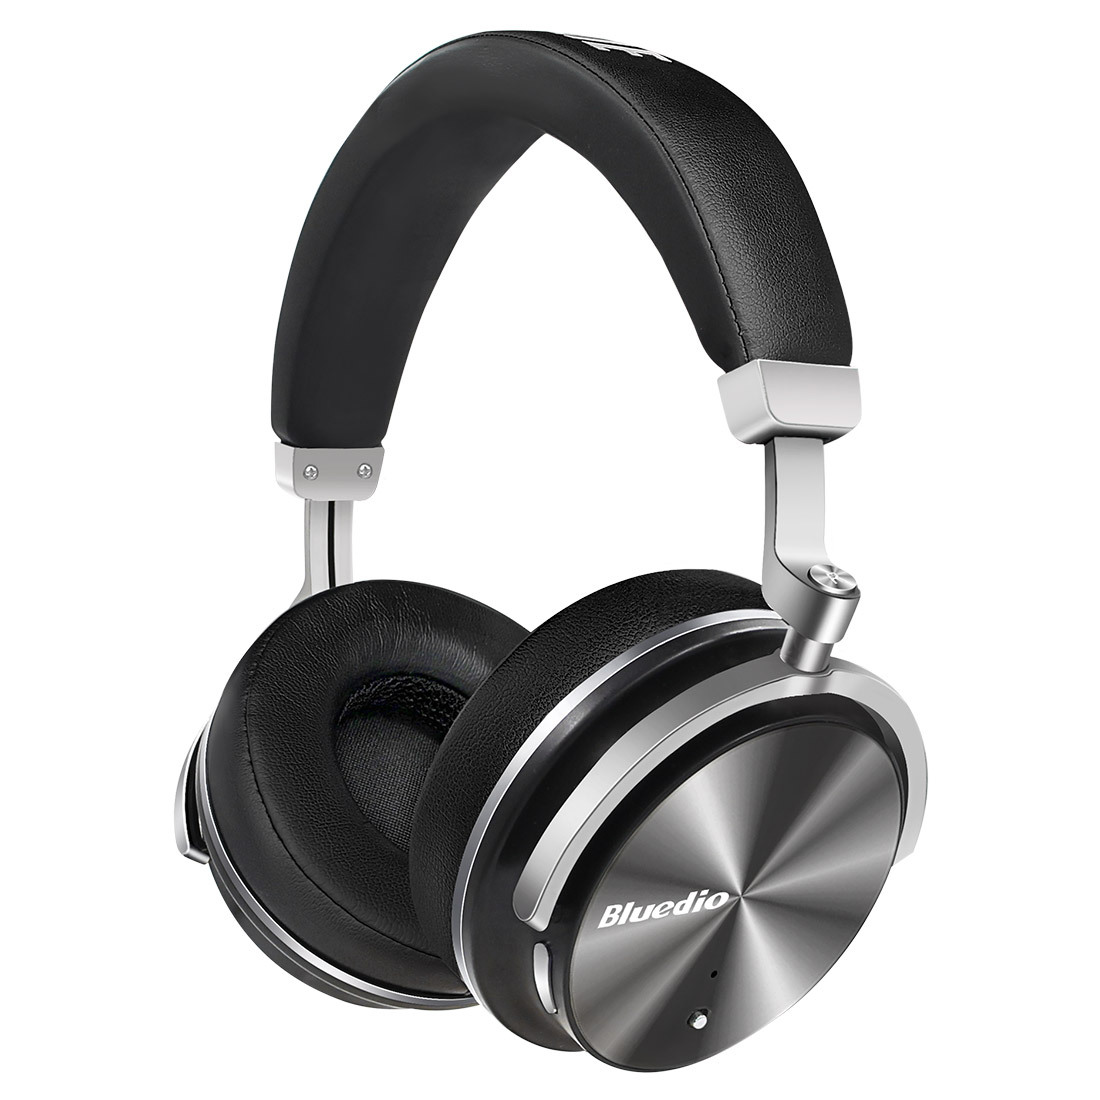 Bluedio T4 casque sans fil Bluetooth 4.2 suppression de bruit actif casque sans fil avec micro